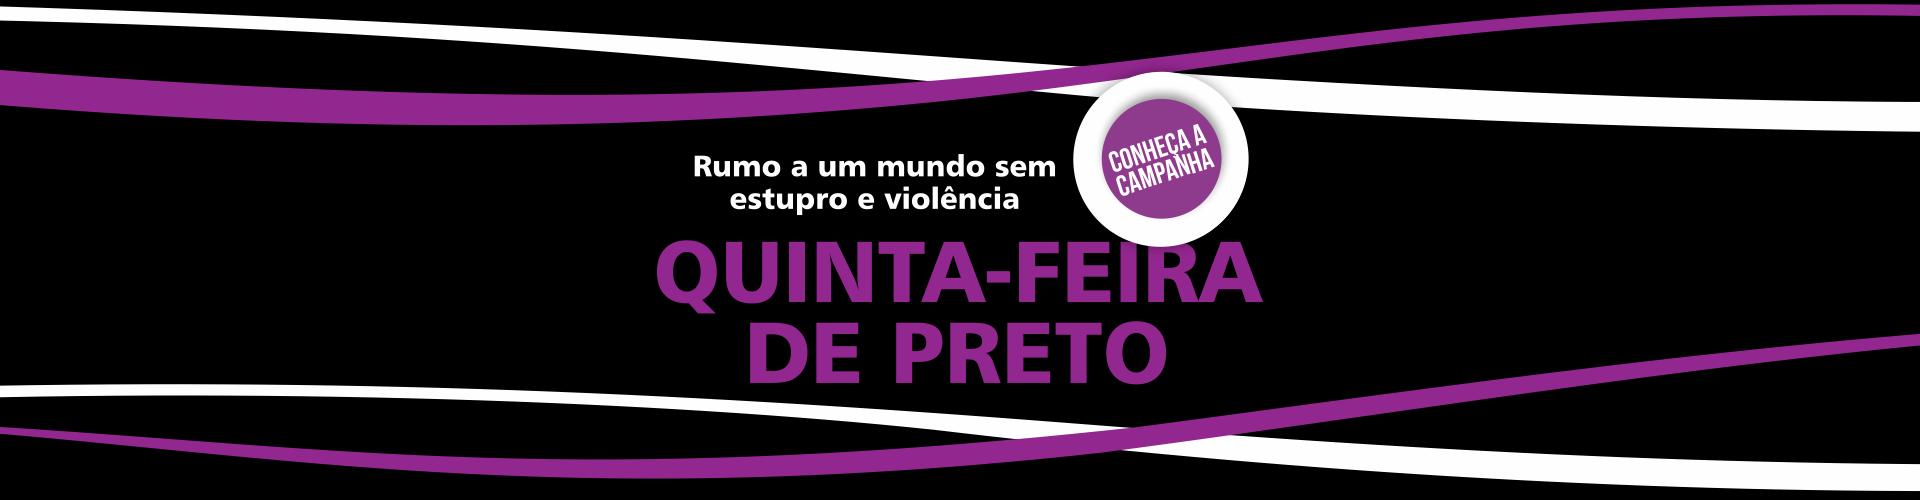 Quinta Feira de Preto - Acesse a nova identidade da campanha